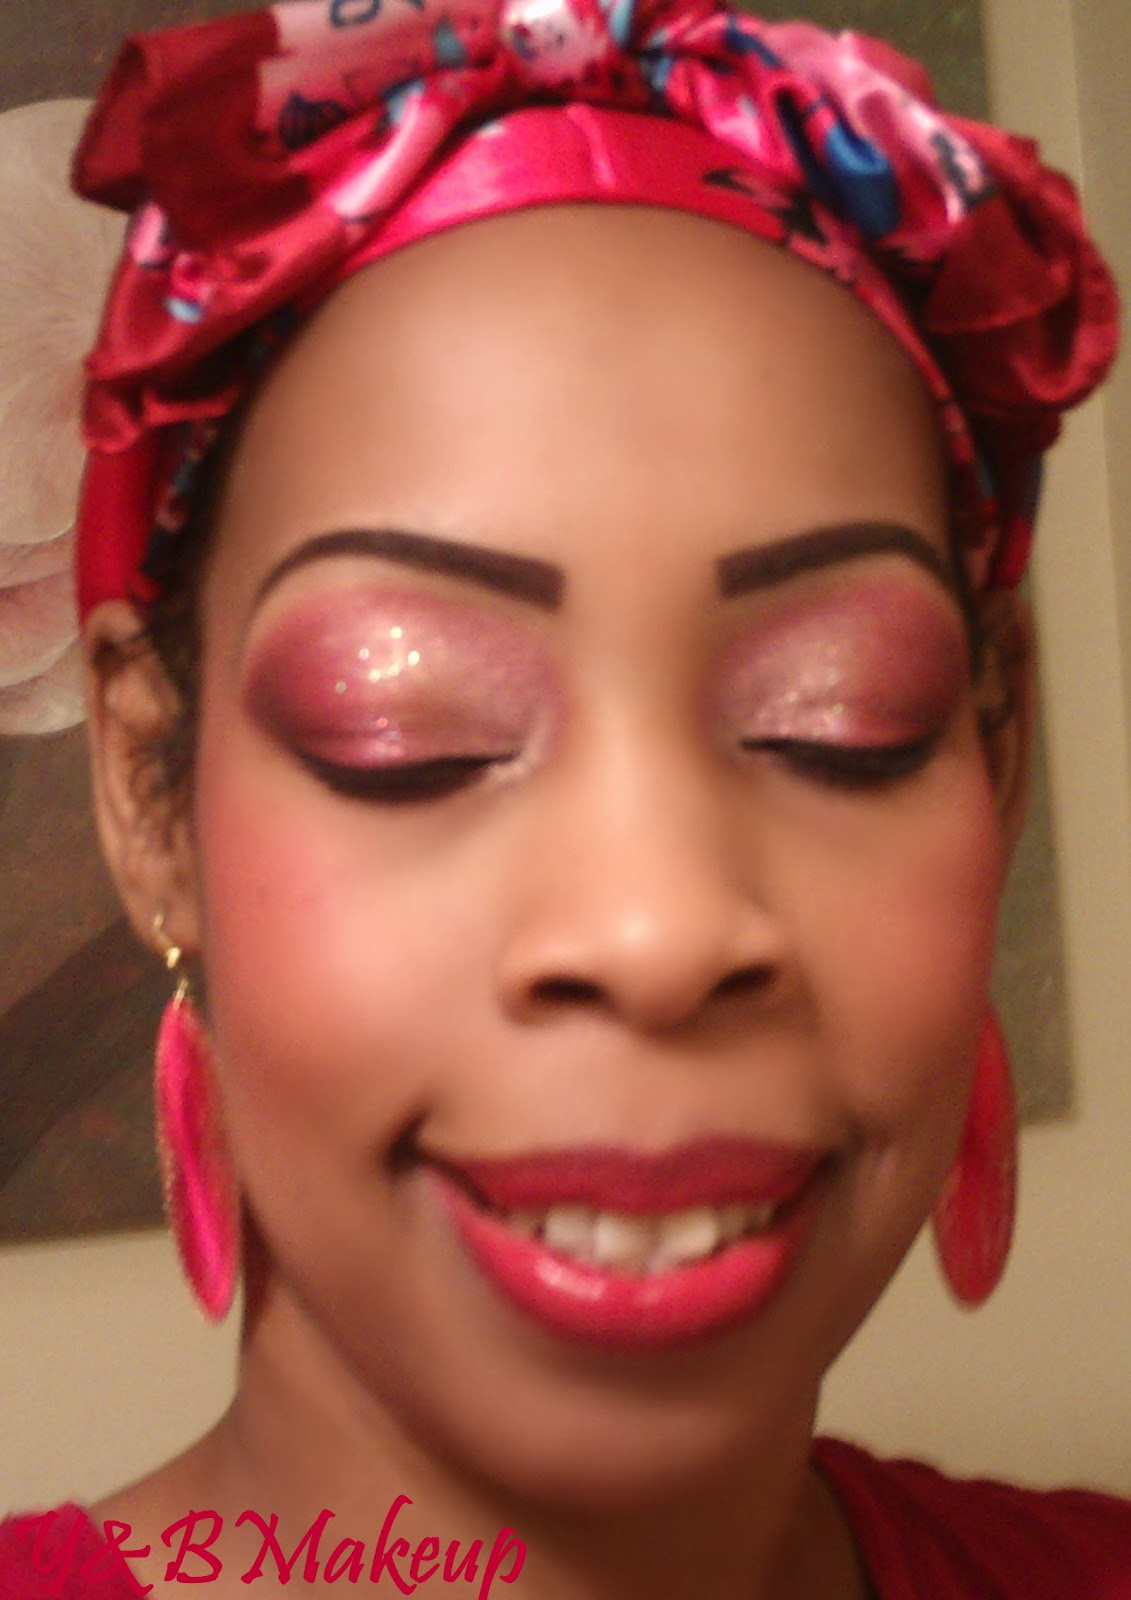 ... haitian women displaying 20 images for beautiful haitian women toolbar